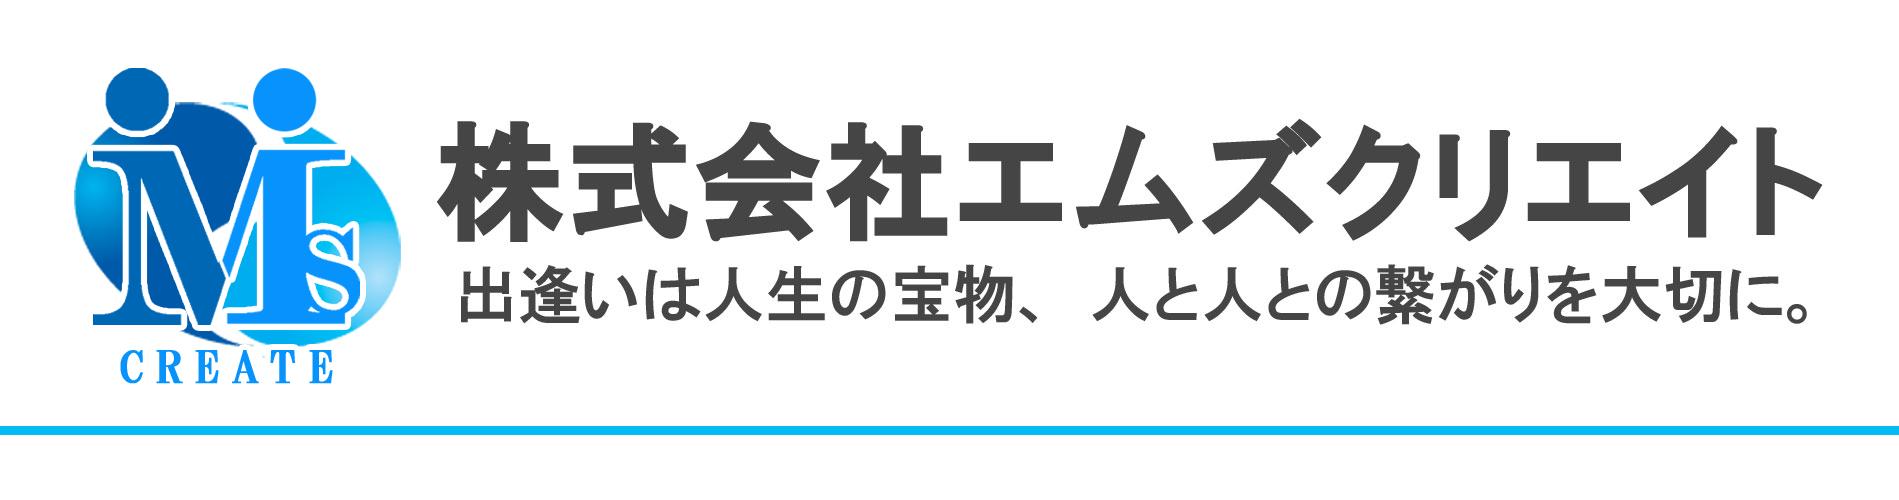 岡山でホームページ作成・不動産賃貸・売買・リフォームは株式会社エムズクリエイト(おうちの情報館)